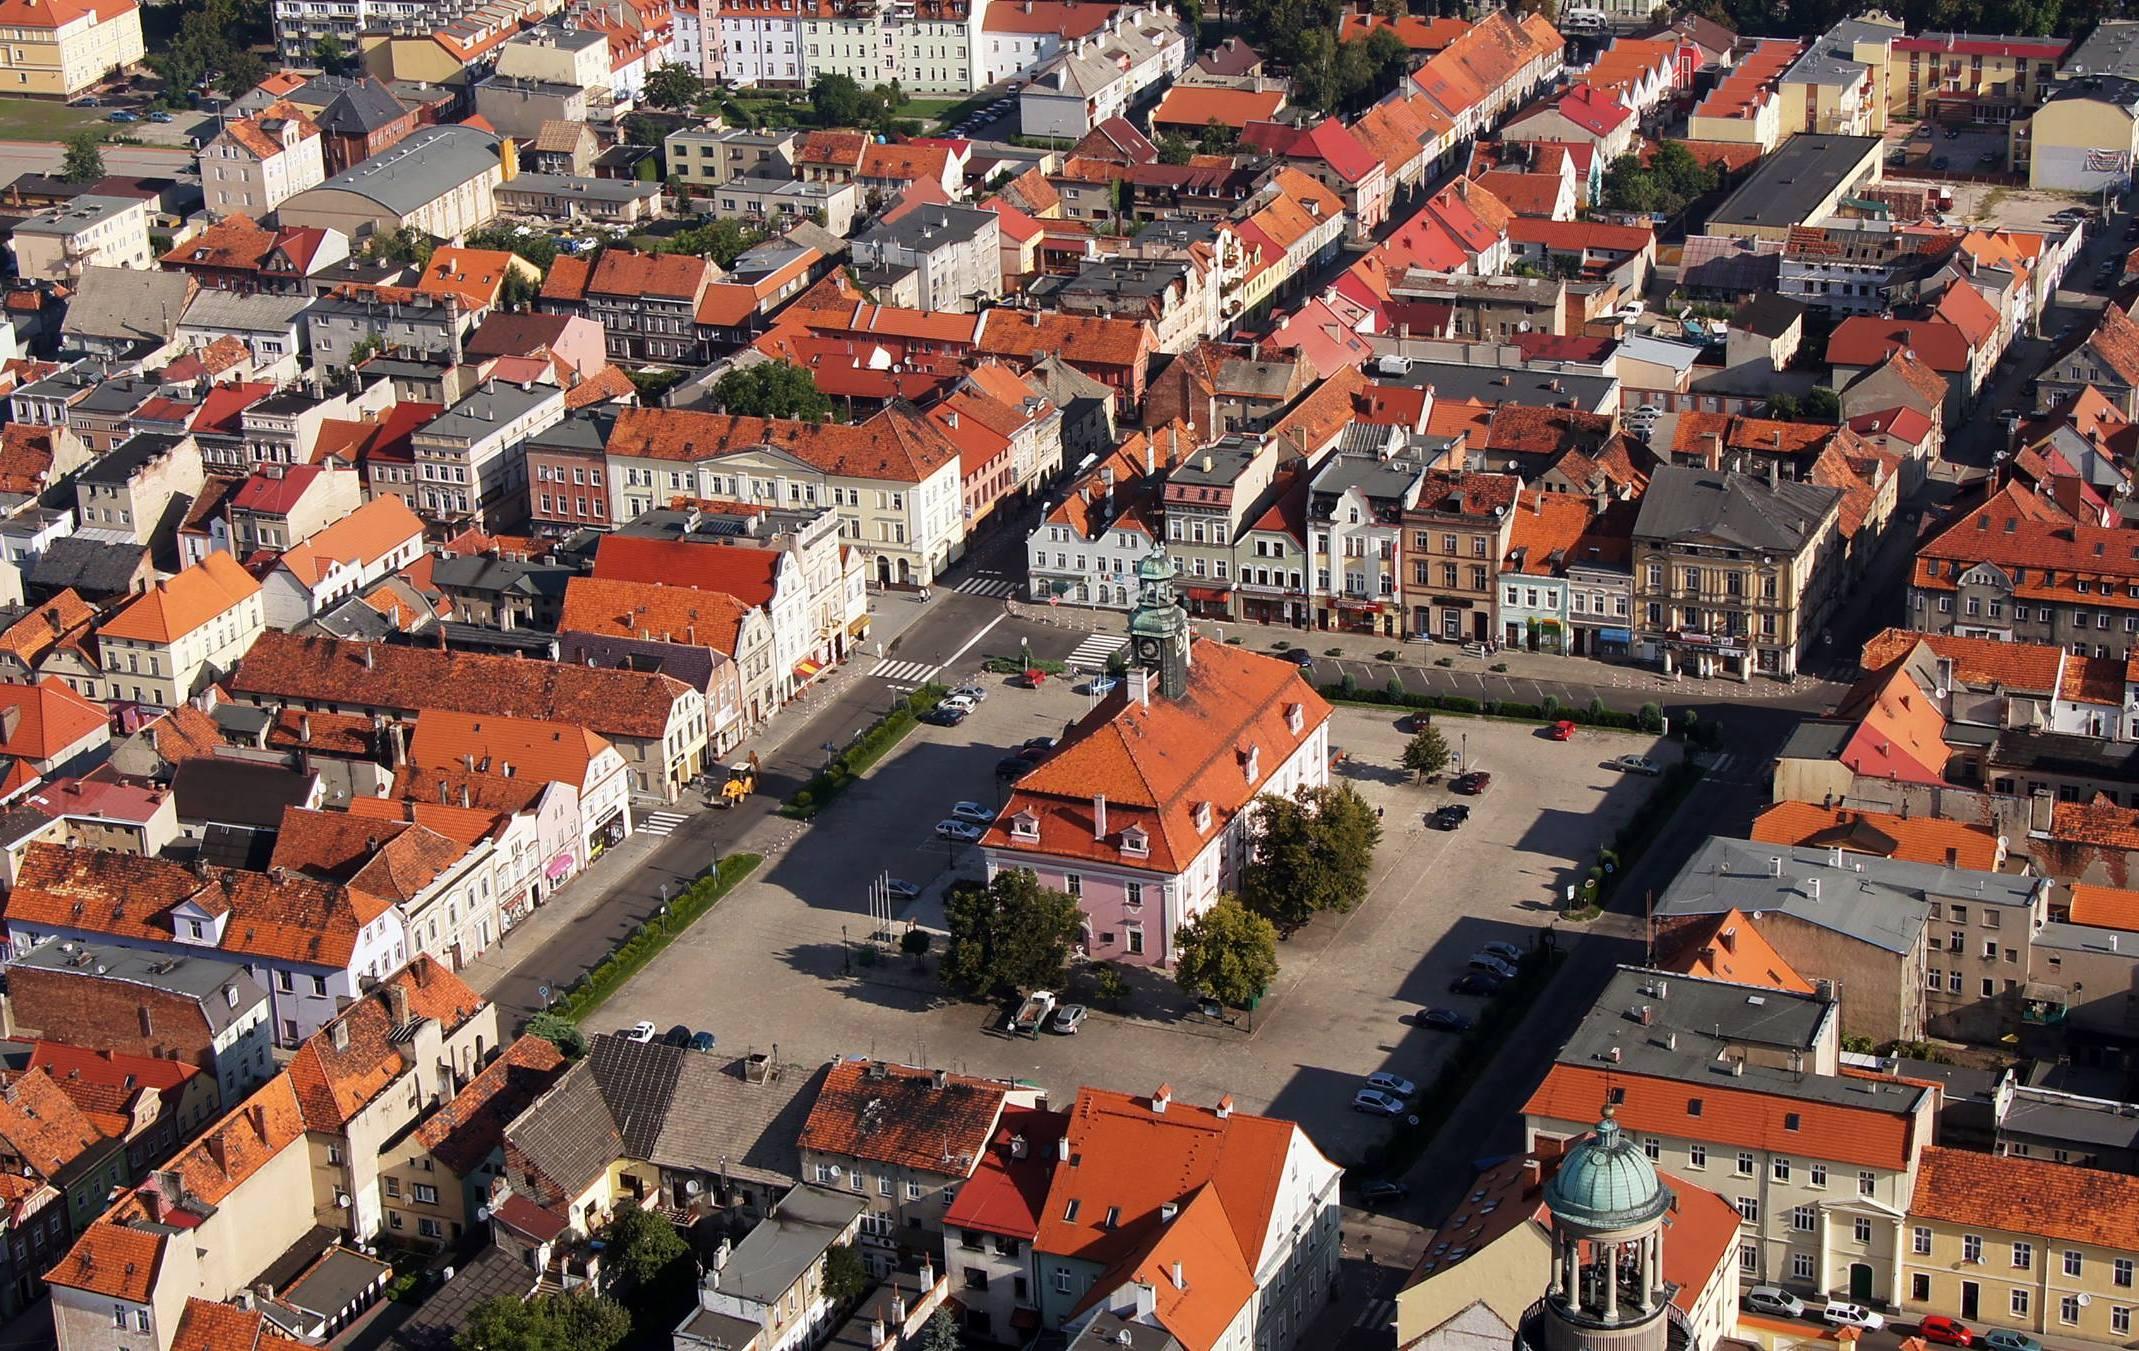 miasto rawicz rynek starówka - Gmina Rawicz/Facebook